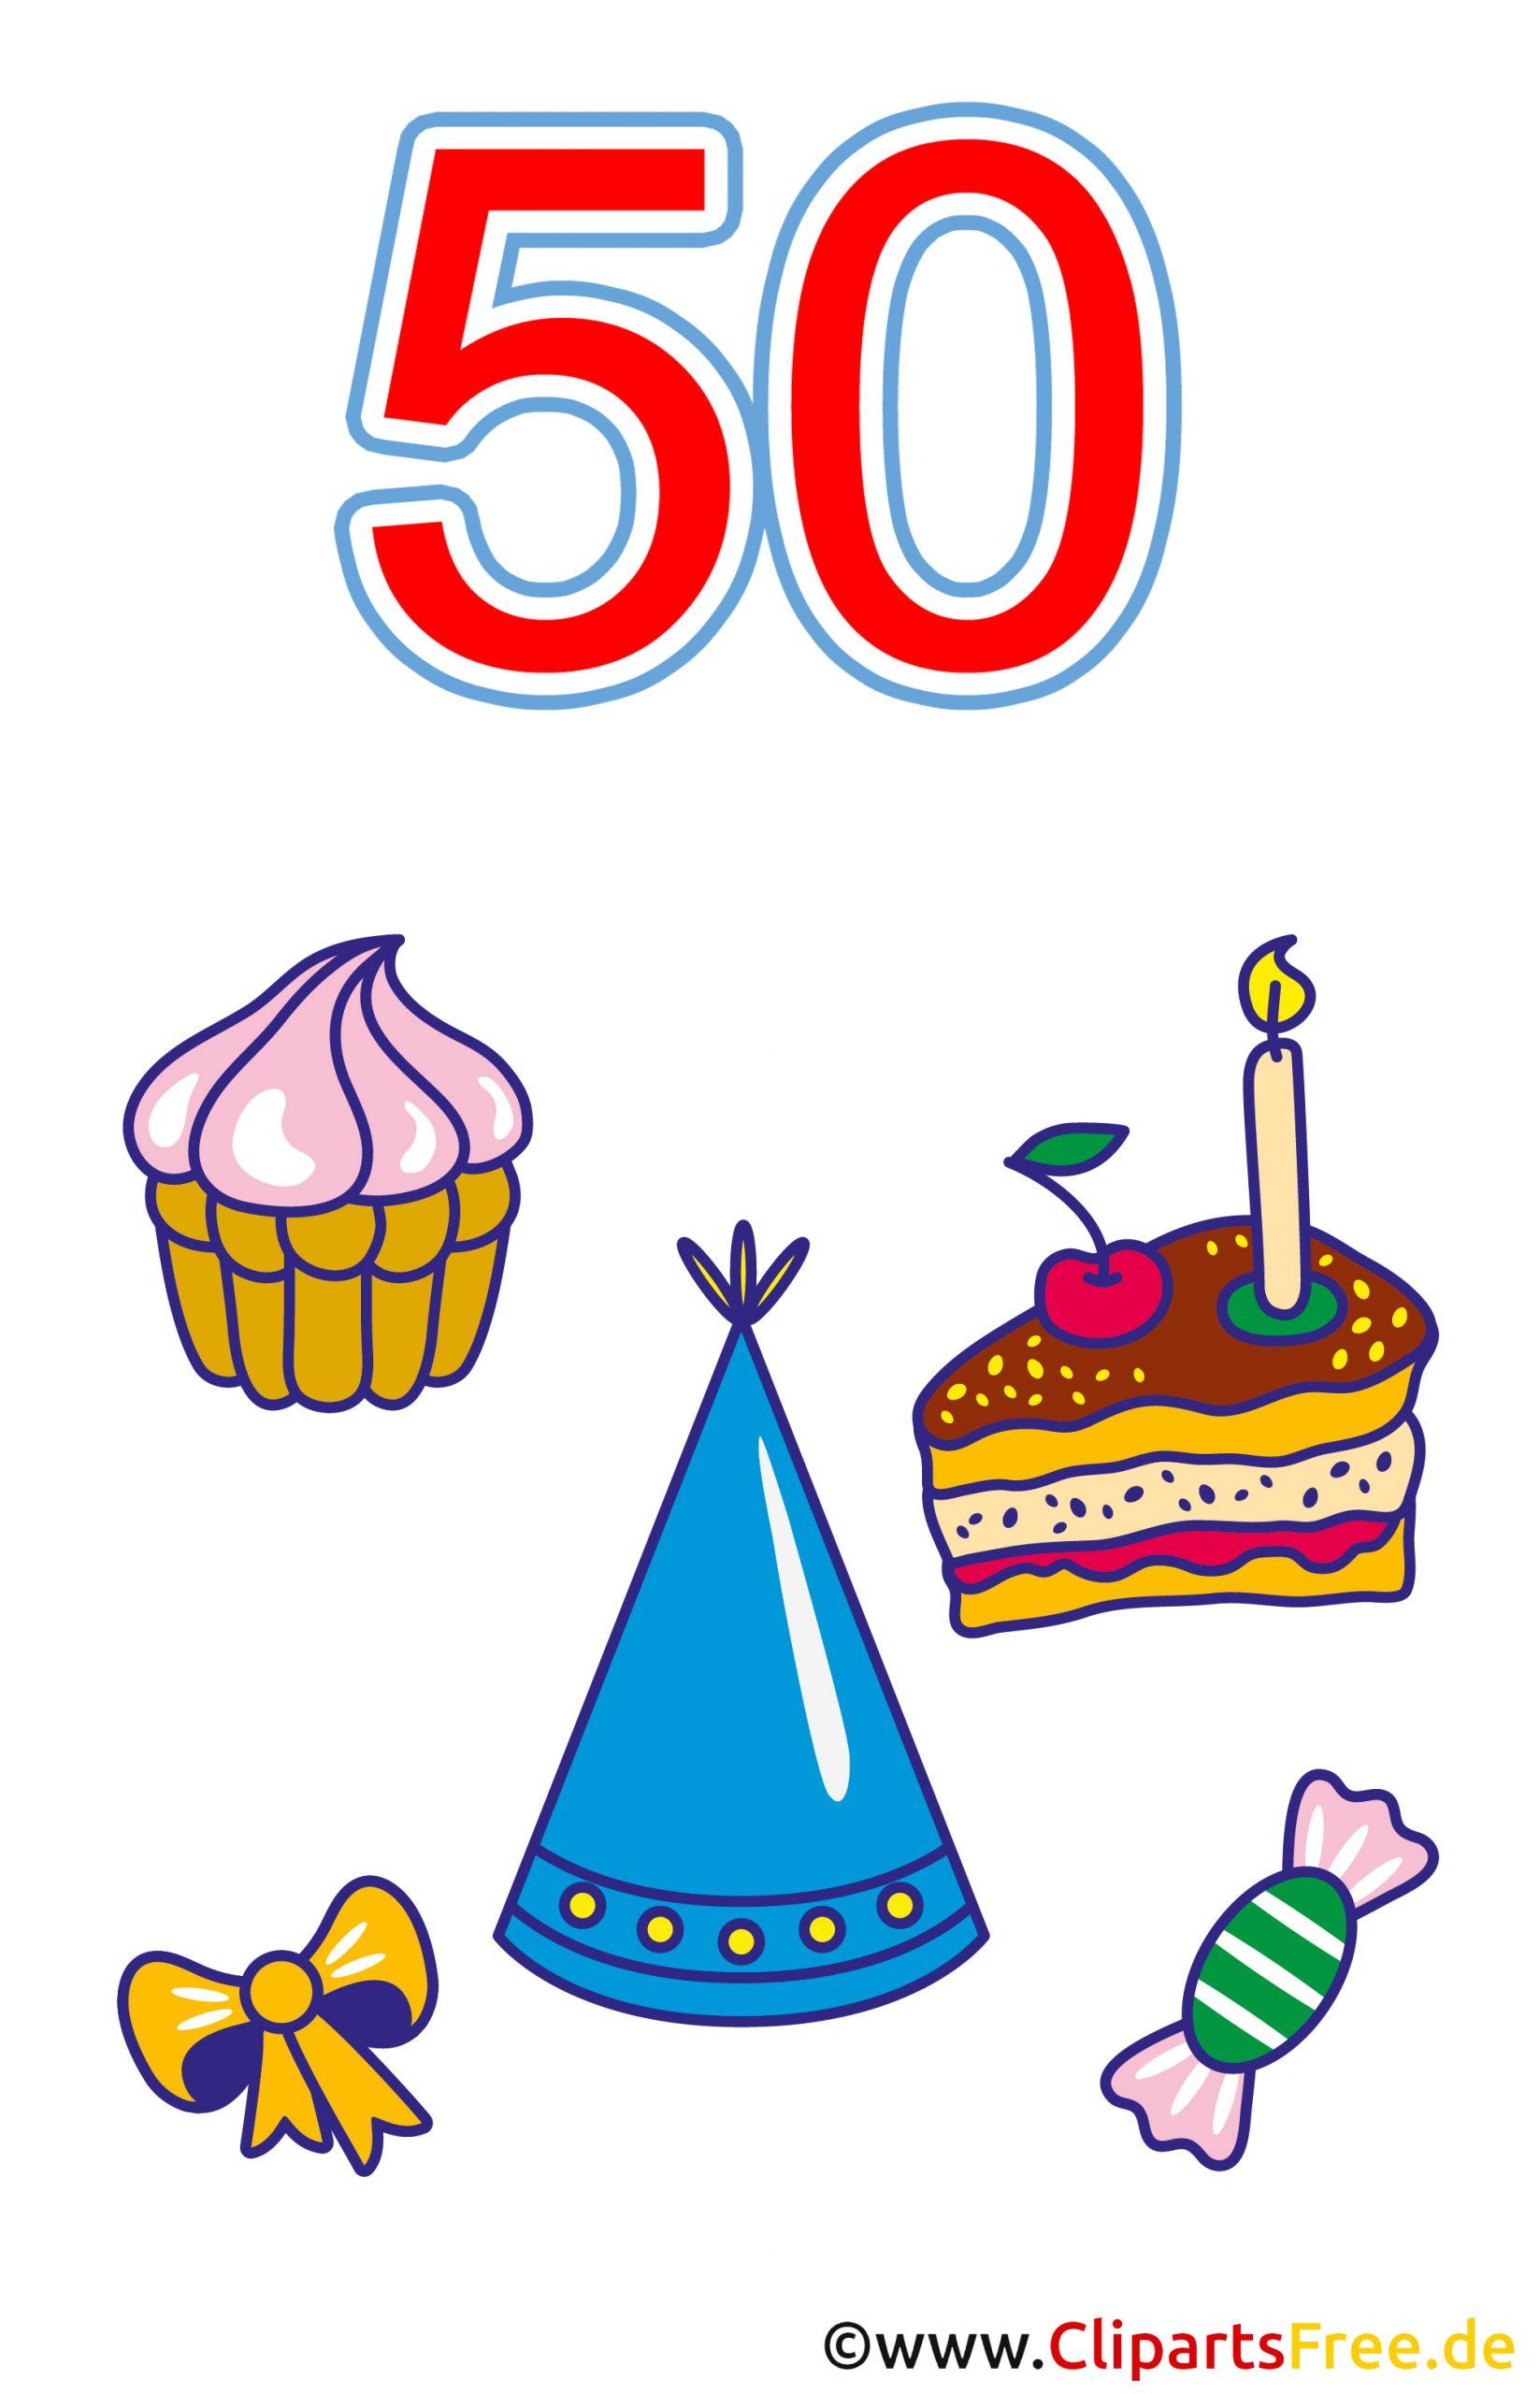 50 Geburtstag Clipart Kostenlos bei Clipart Geburtstag Kostenlos